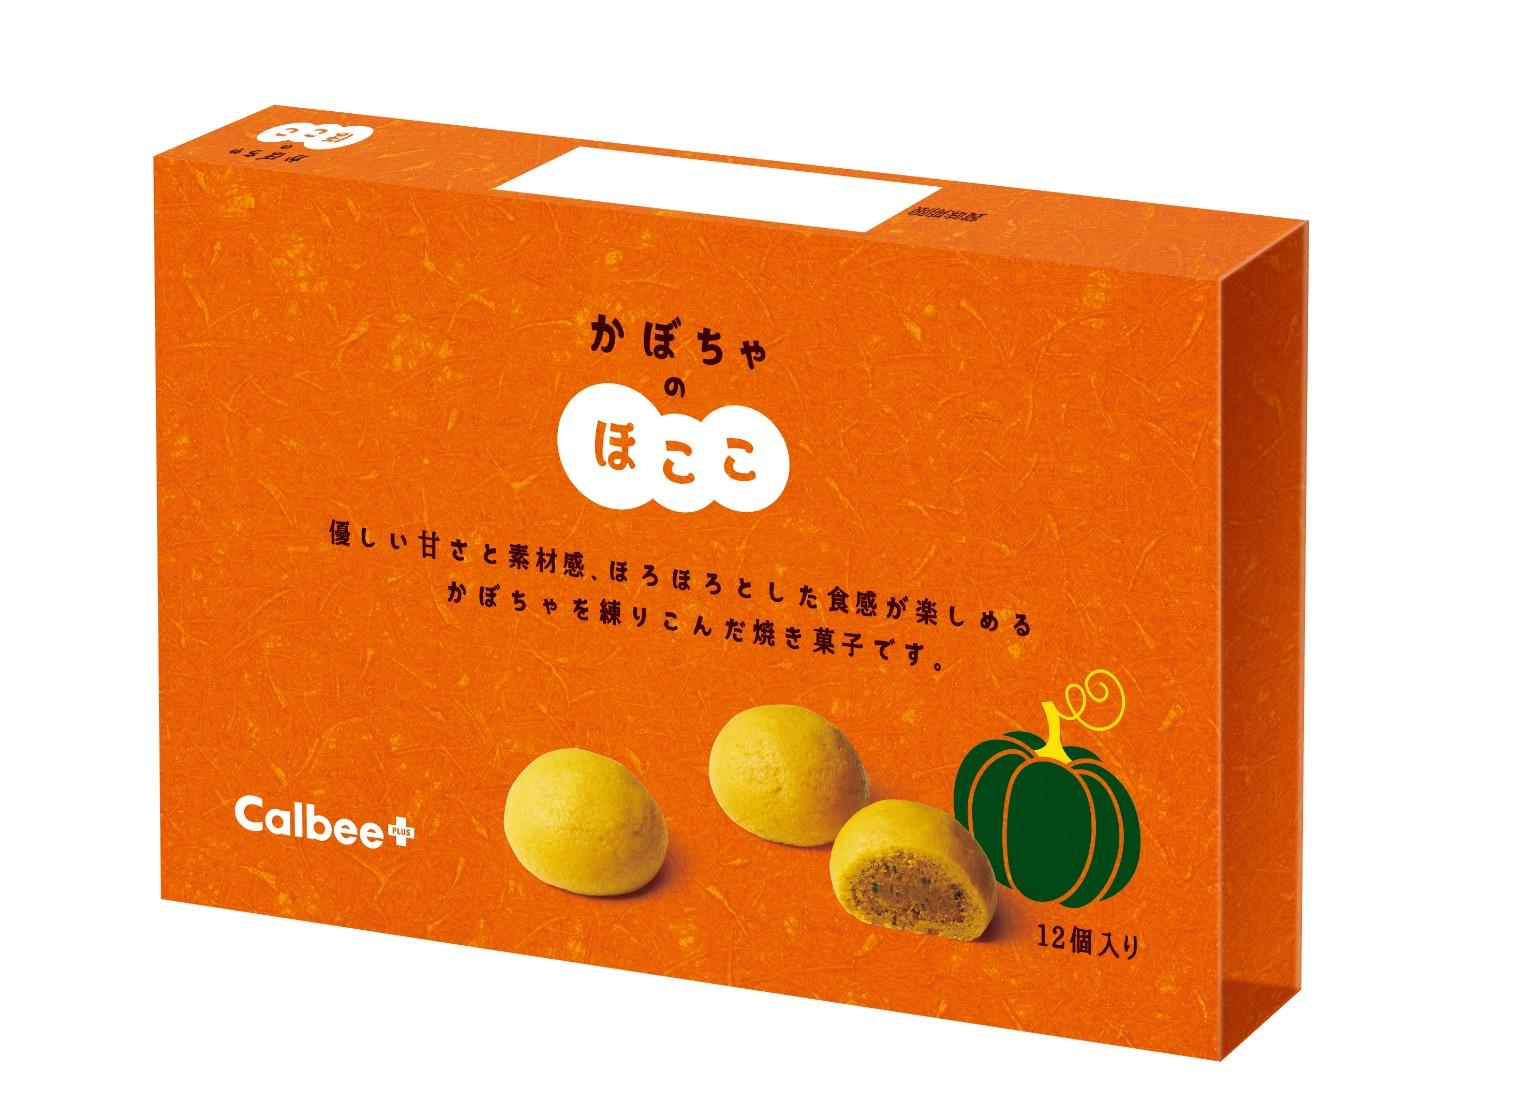 %e3%81%8b%e3%81%bc%e3%81%a1%e3%82%83%e3%81%ae%e3%81%bb%e3%81%93%e3%81%93-pumpkin-flavoured-confections-%e7%94%9c%e9%bb%9e-2-2